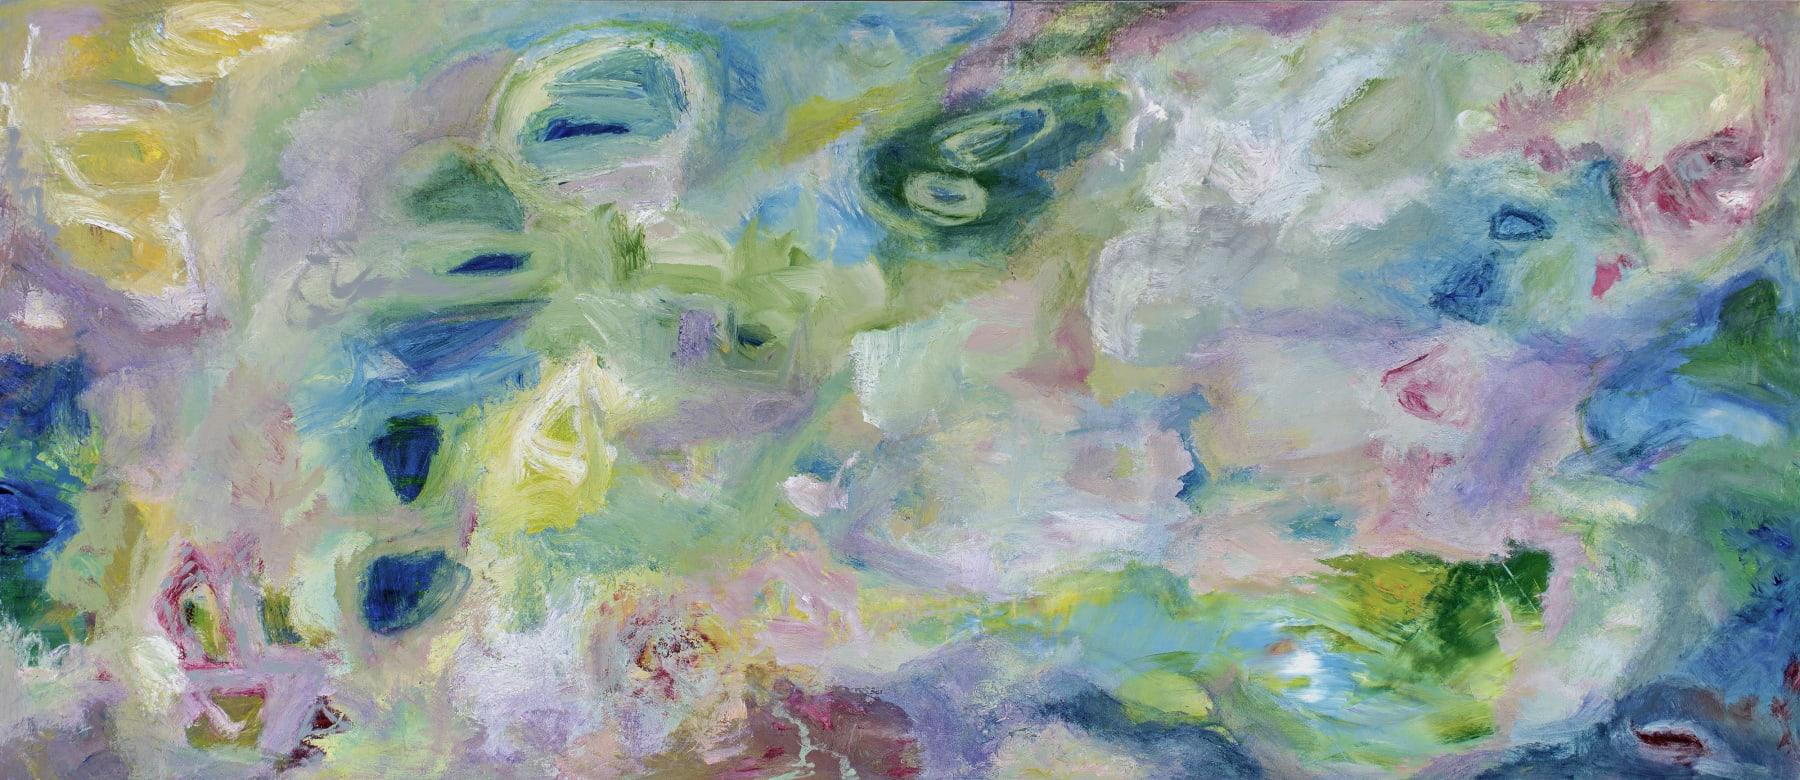 Patricia Qualls, Healing Dreams, 2021